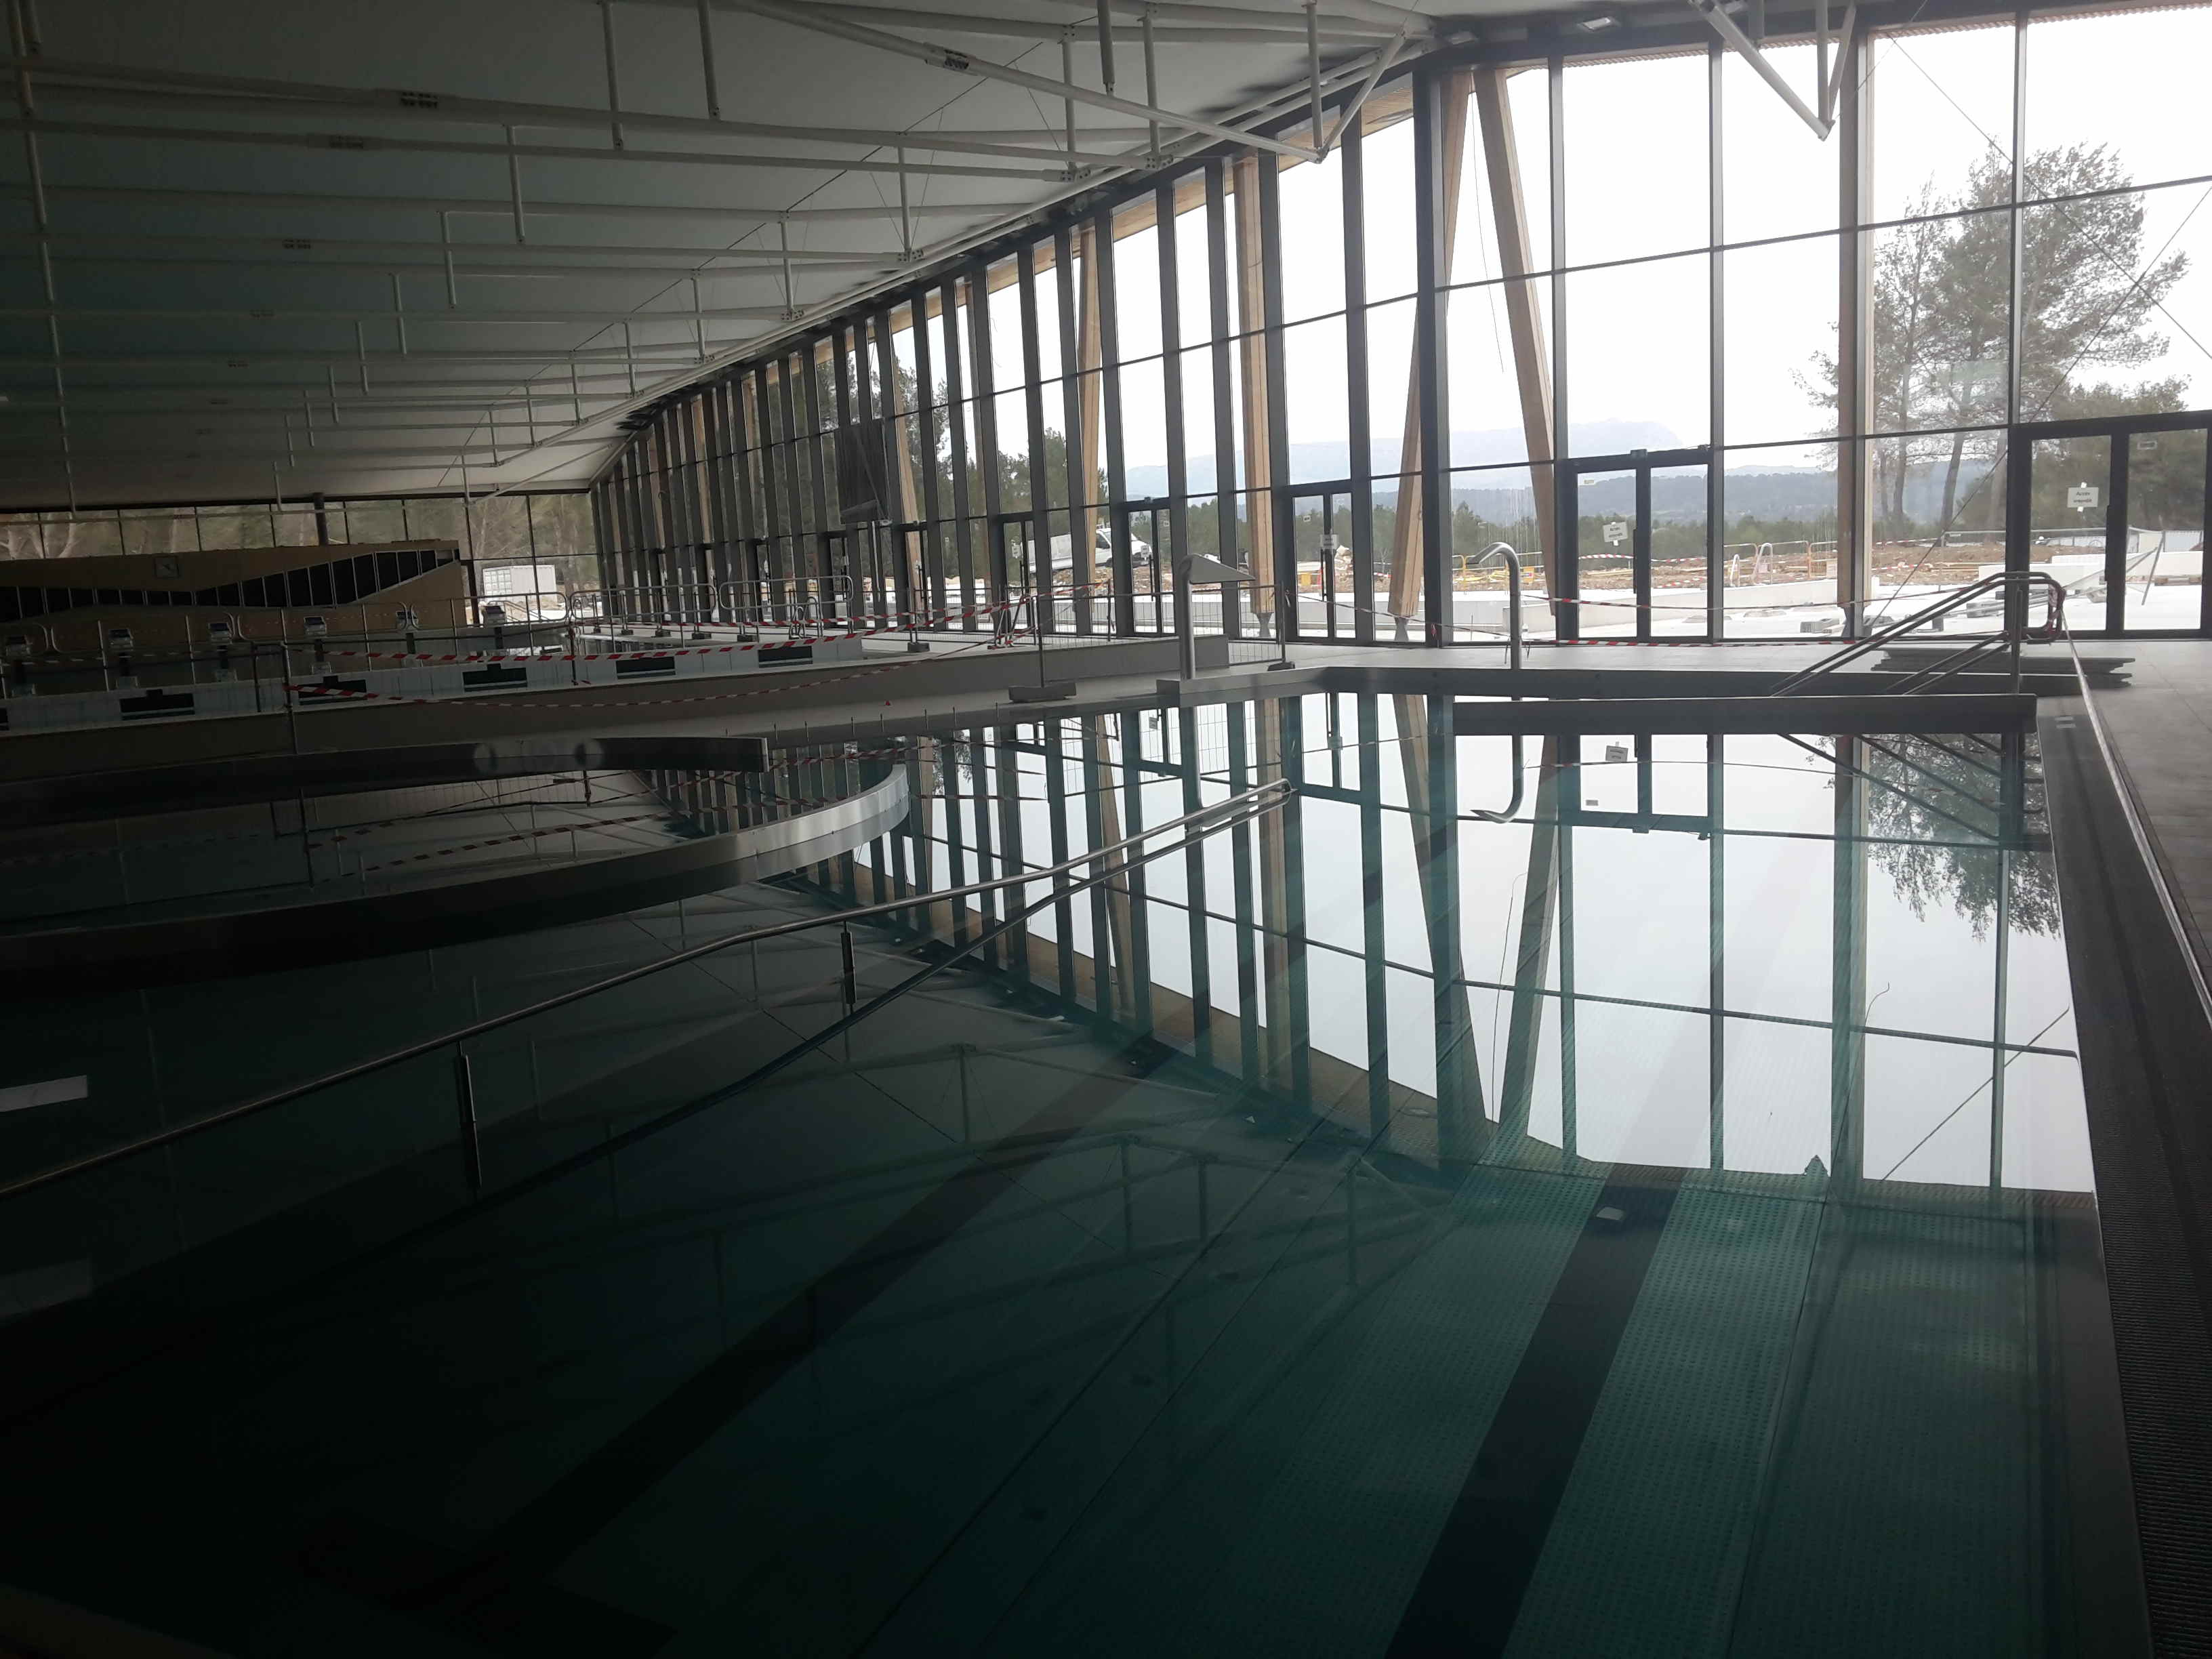 Spie batignolles mise en eau du centre aquatique de for Piscine venelles